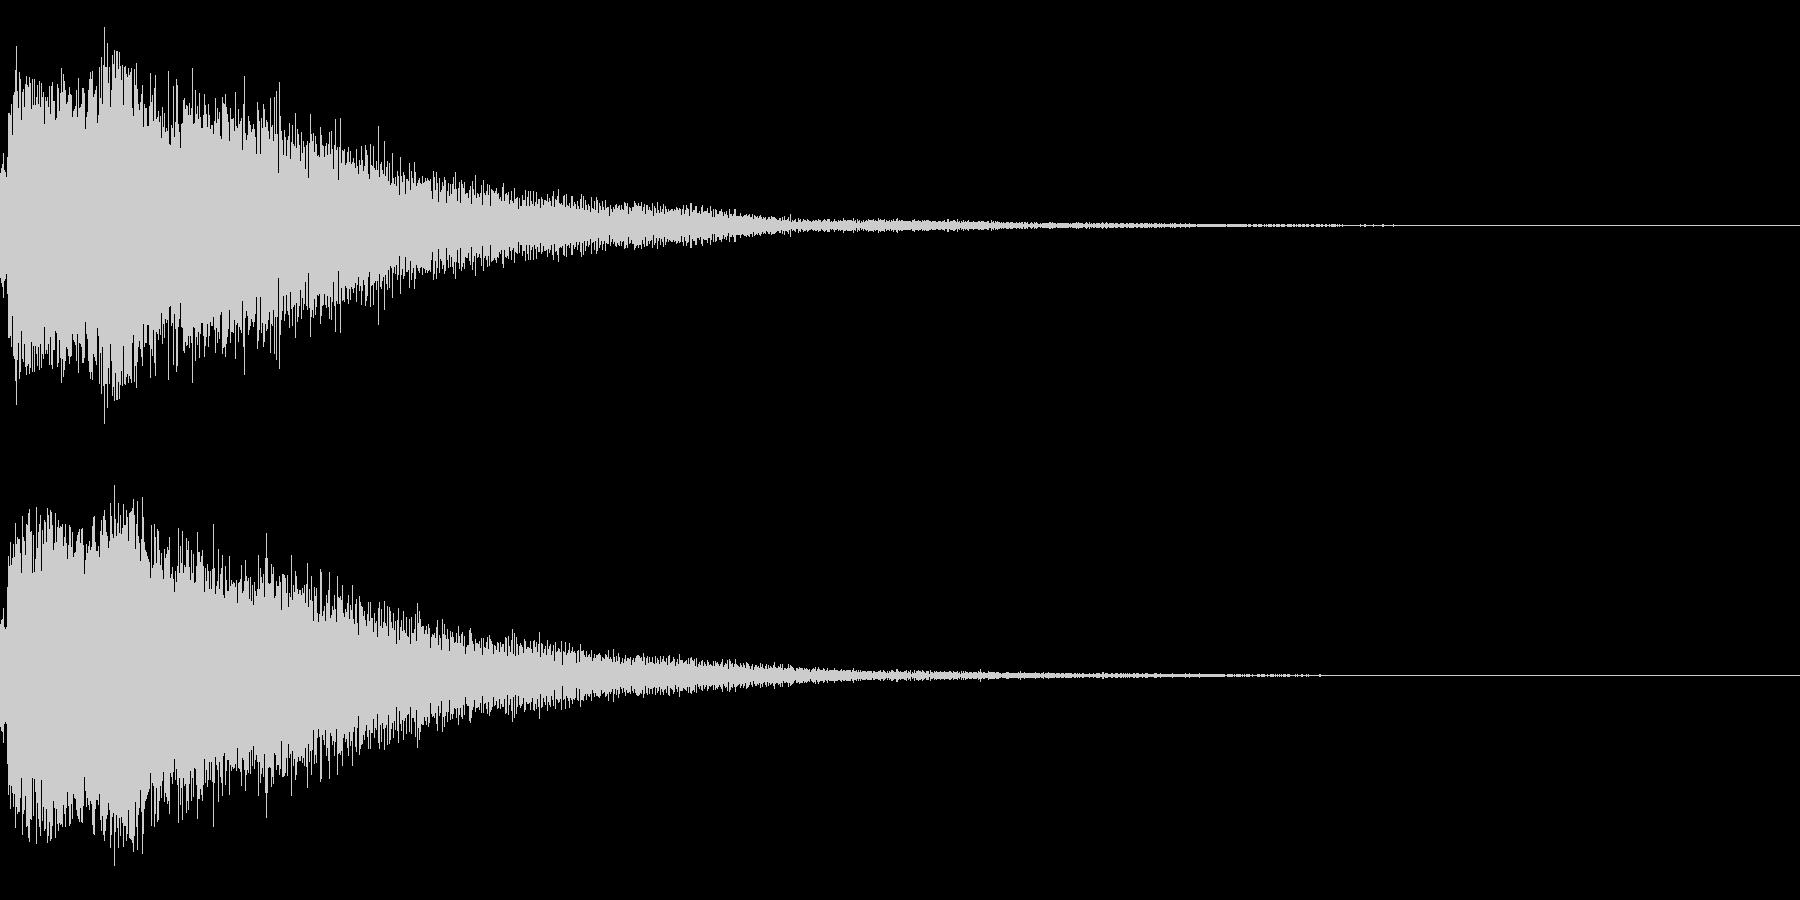 琴と刀の【シャキーン!】和風ロゴ 14の未再生の波形